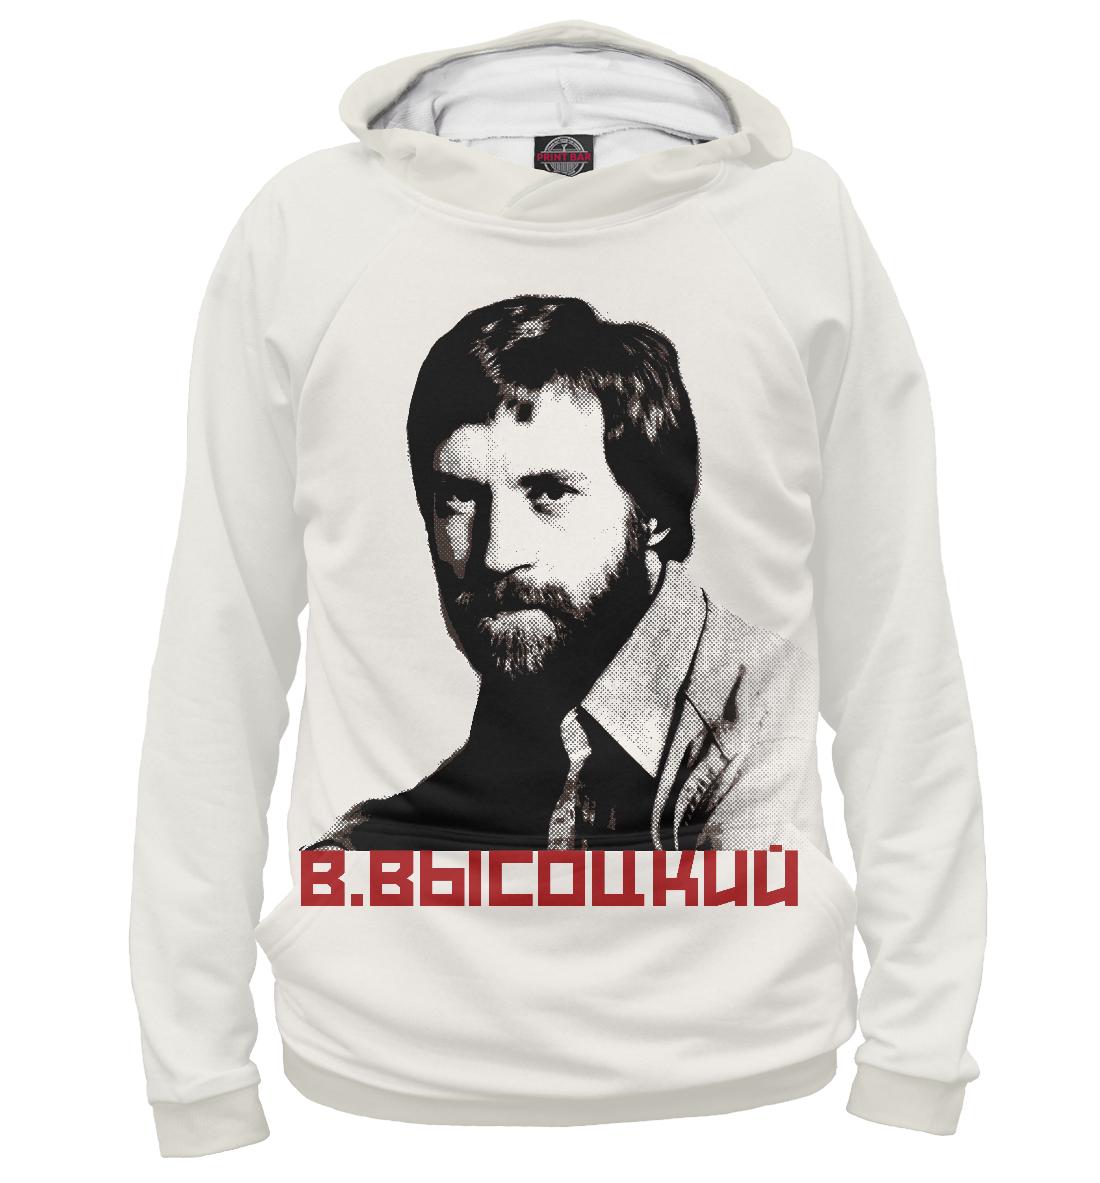 Купить Владимир Высоцкий, Printbar, Худи, APD-934375-hud-2